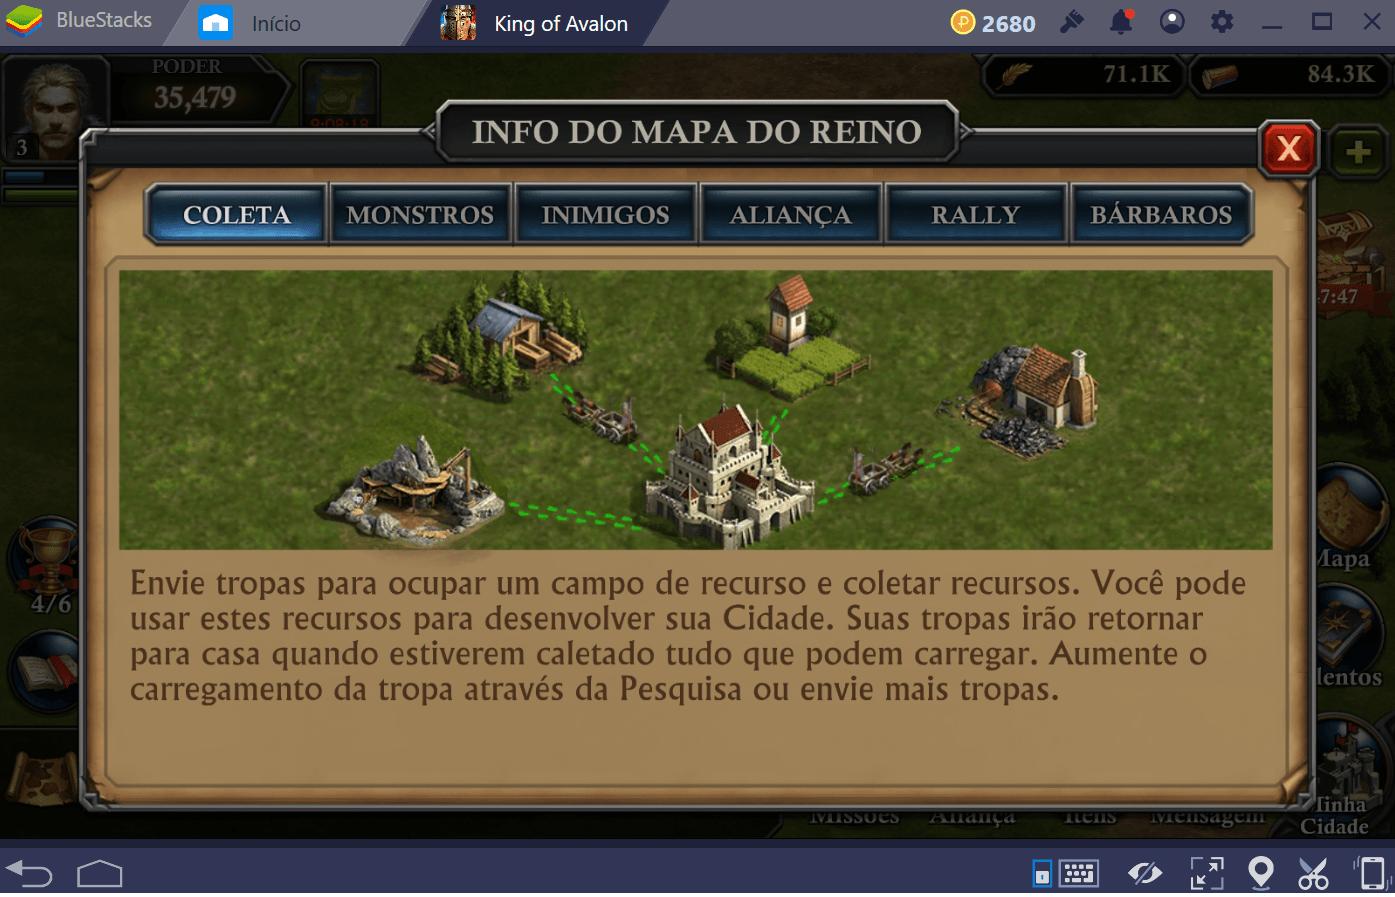 Como desenvolver seu reino rapidamente em King of Avalon: Dragon Warfare